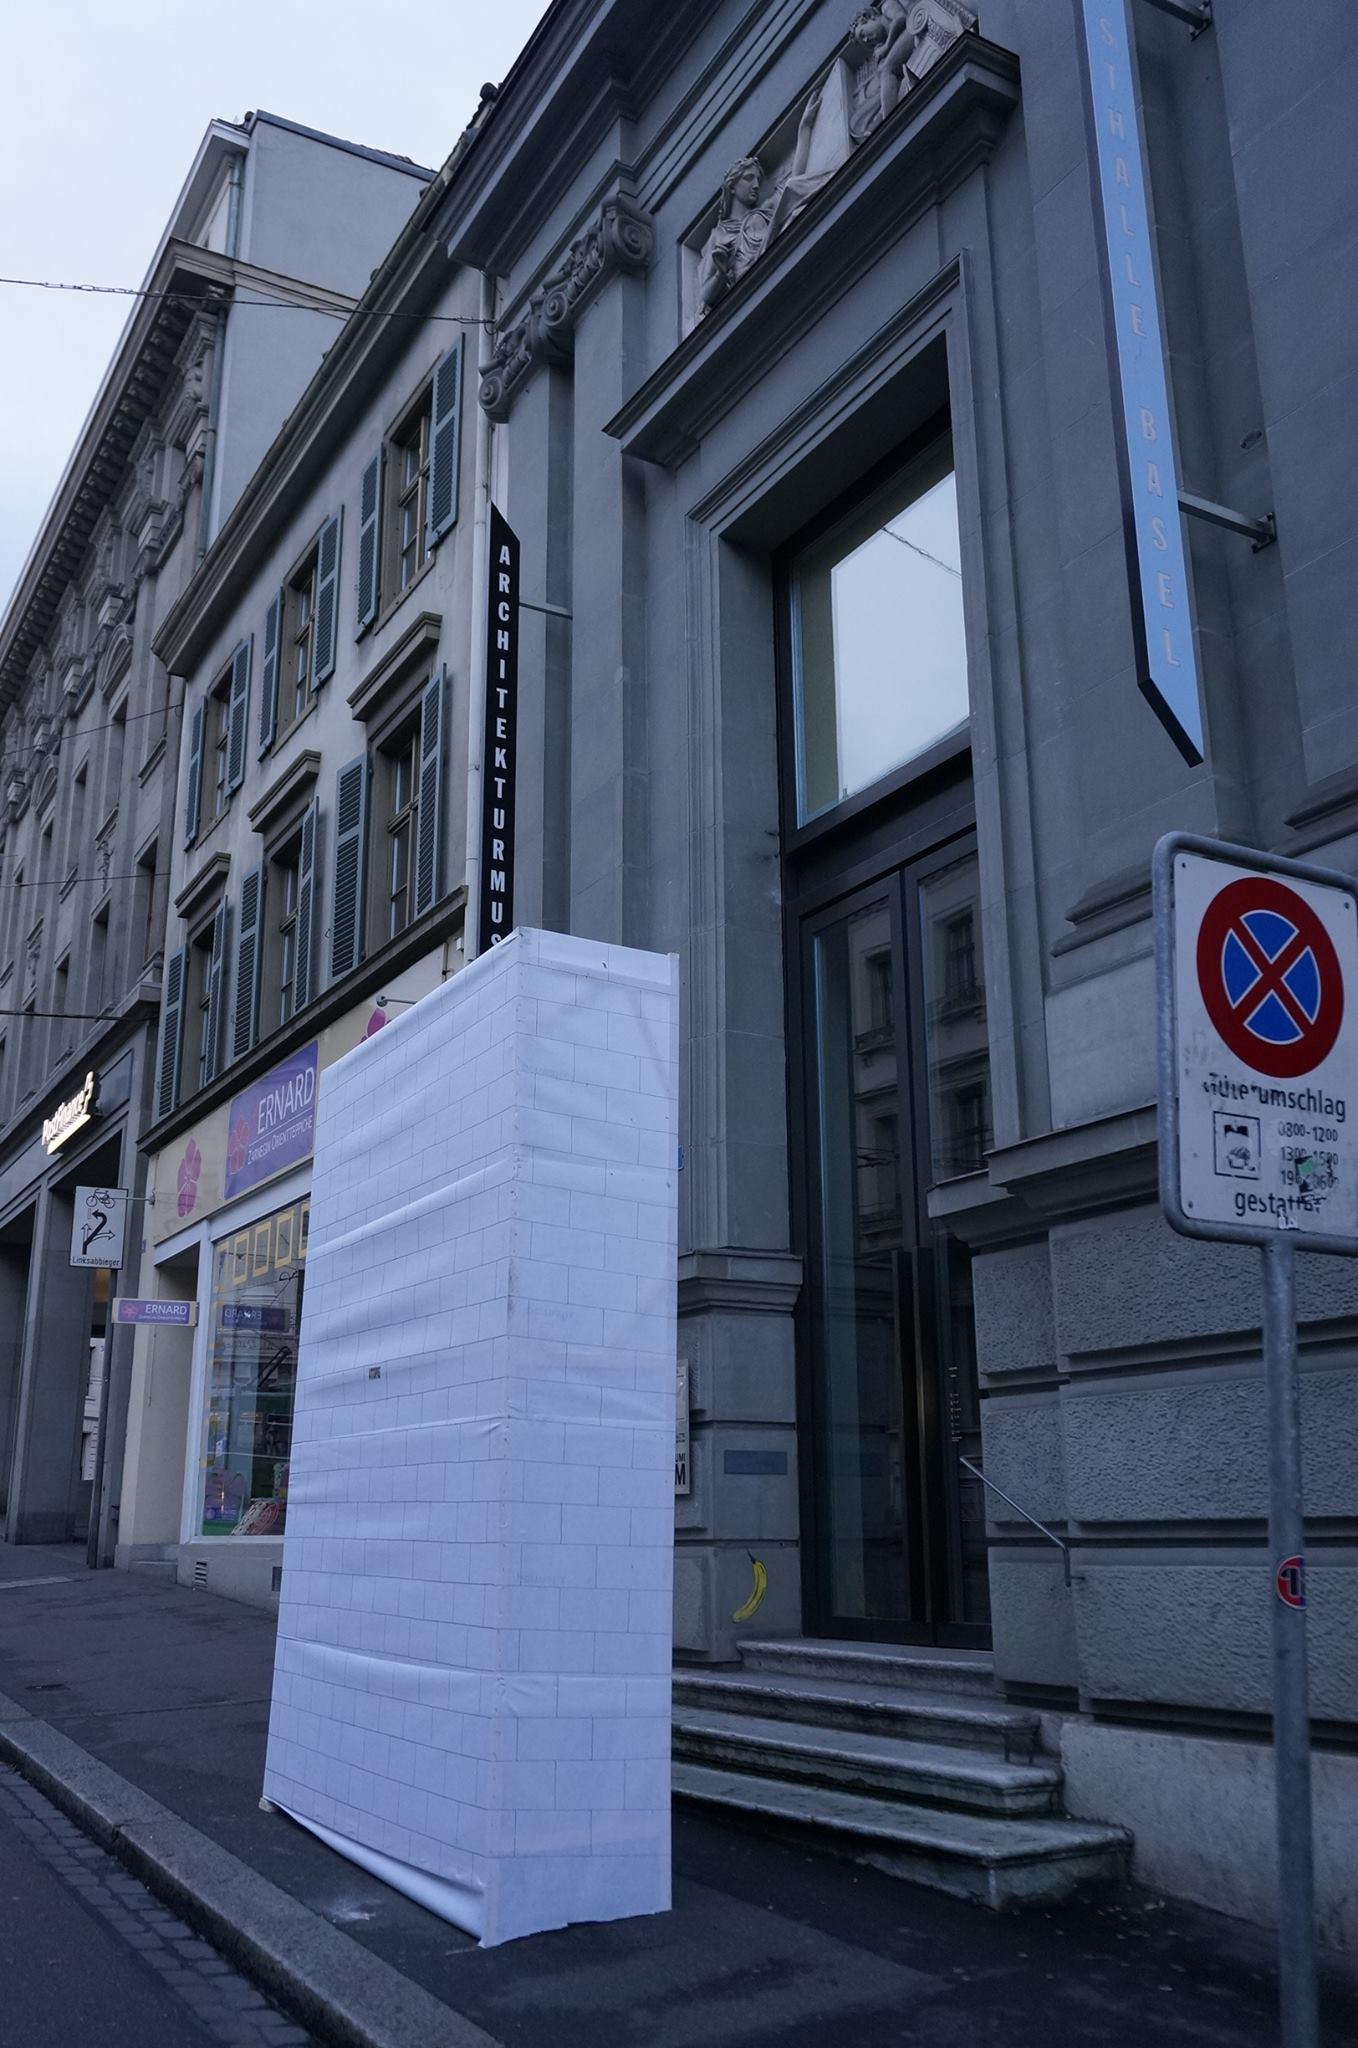 Le mur démonté du Musée d'art contemporain de Bâle Image via Atopie (Facebook)